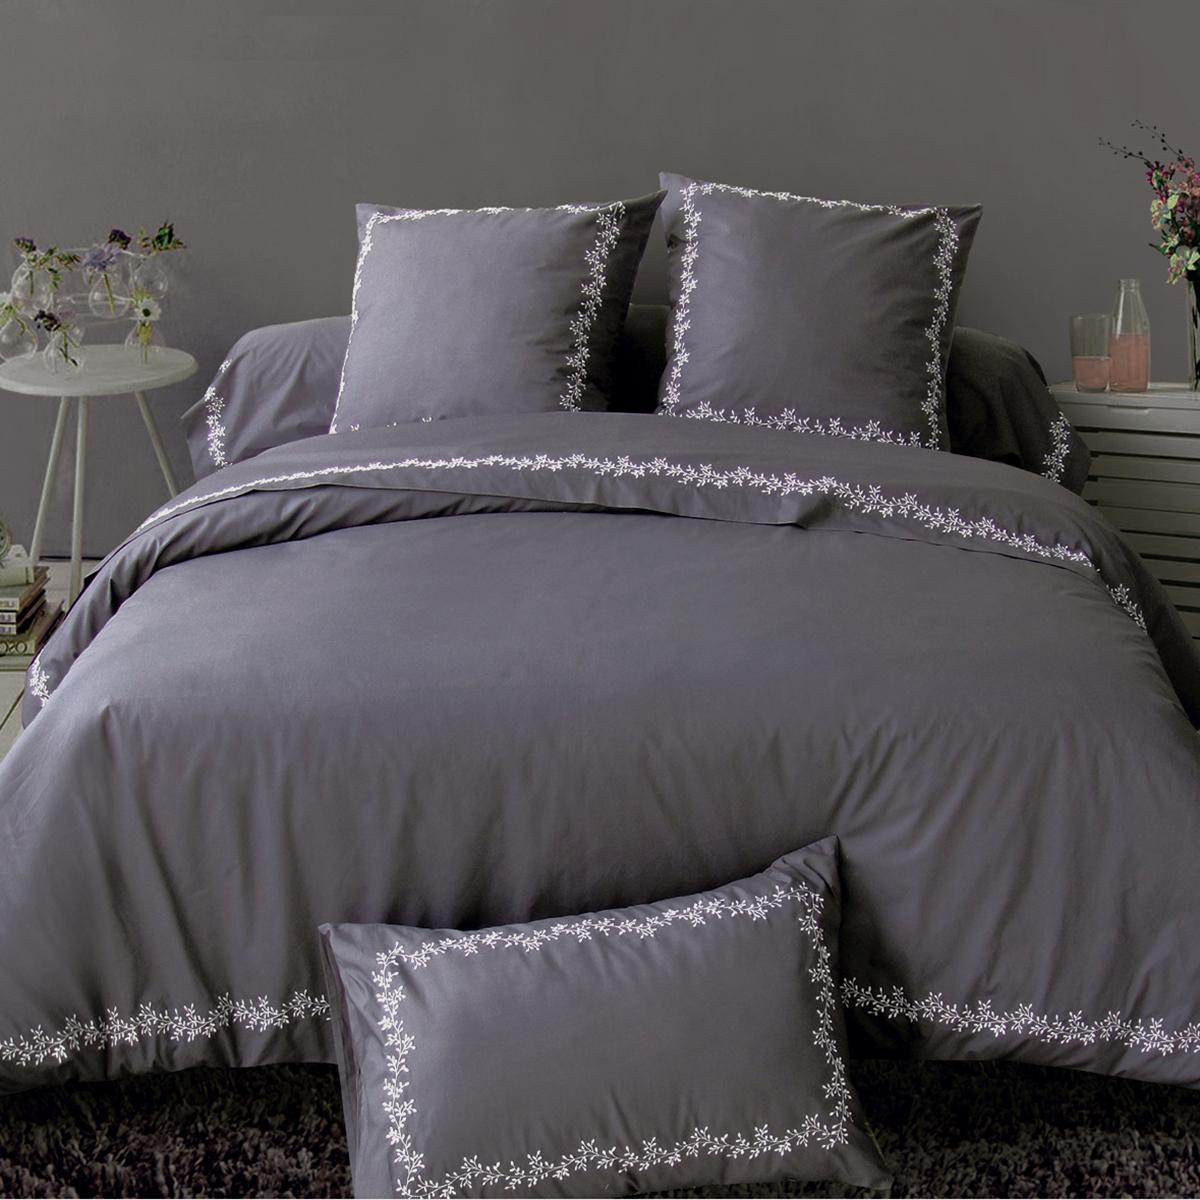 Housse de couette reverie linge de lit de qualit for Tradition des vosges housse de couette